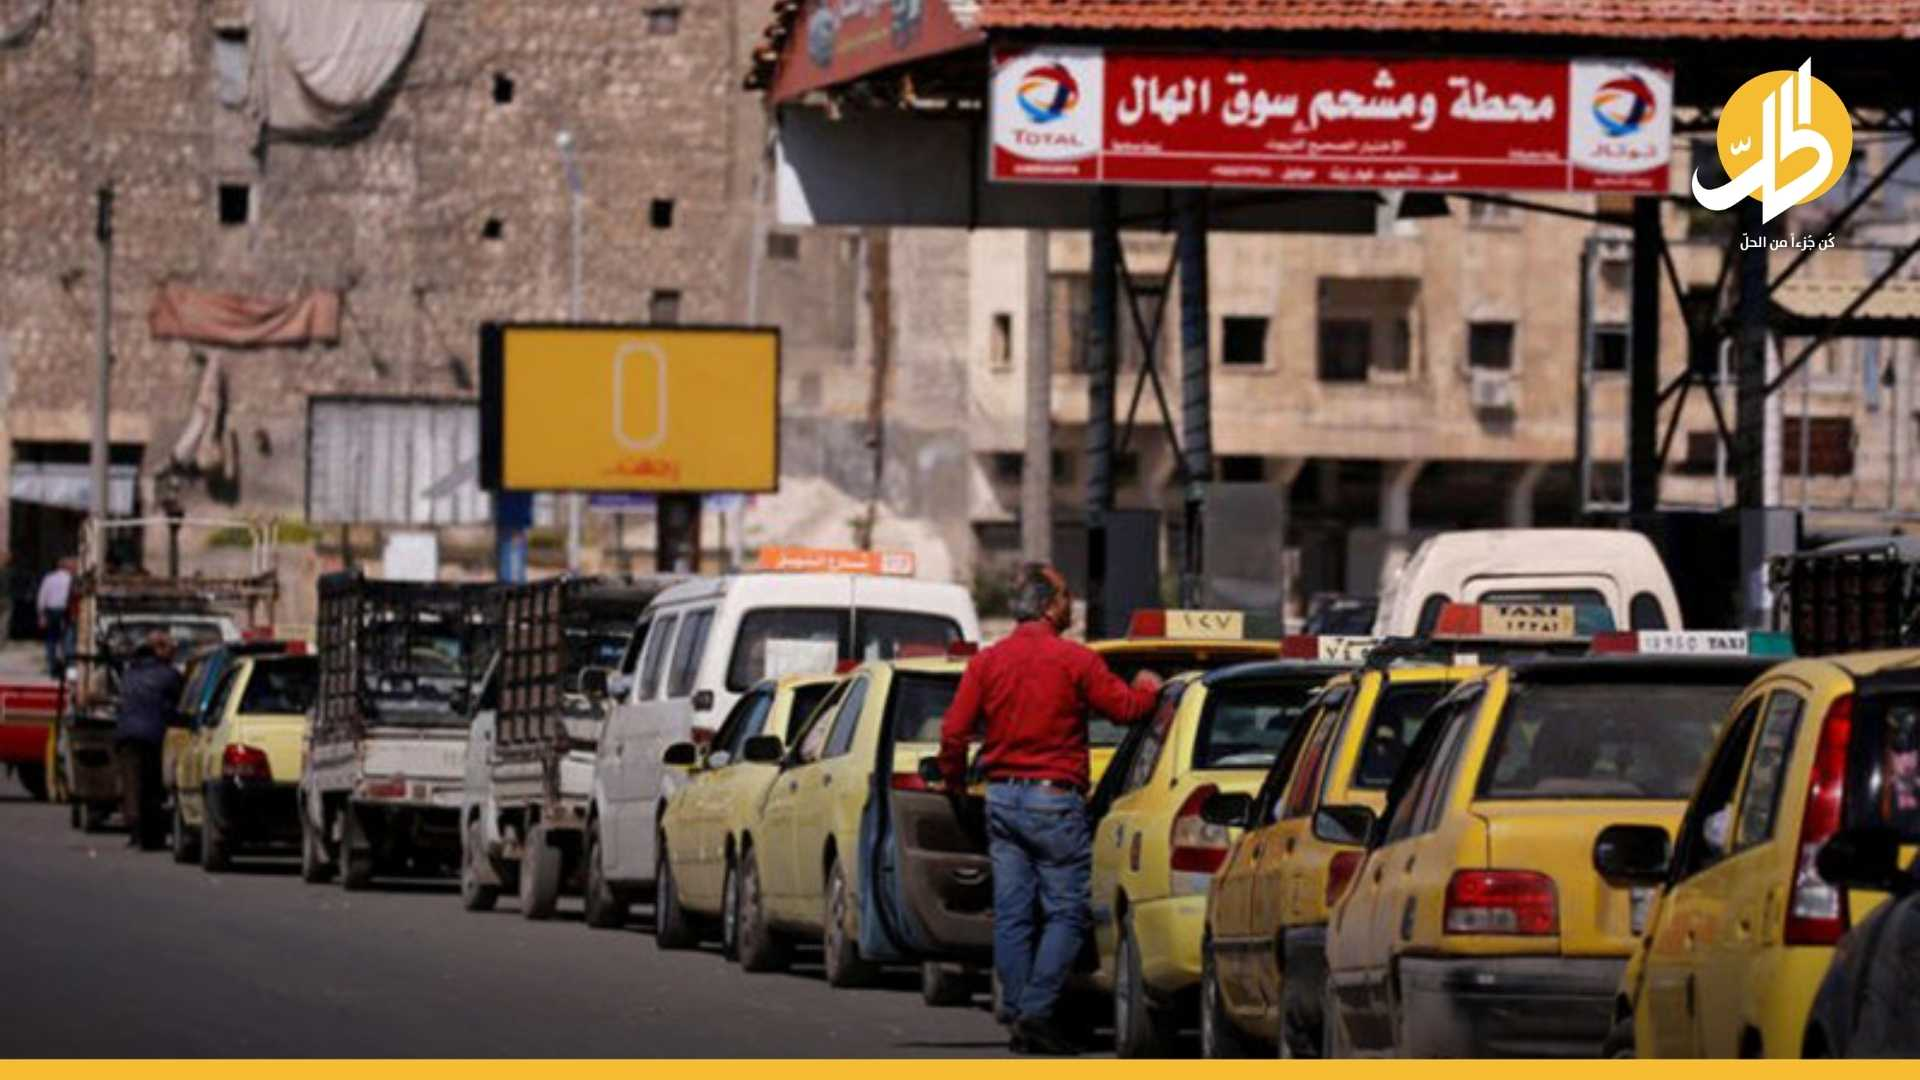 أزمة الوقود تجبر أهالي حلب على ركوب الشاحنات للعودة إلى منازلهم